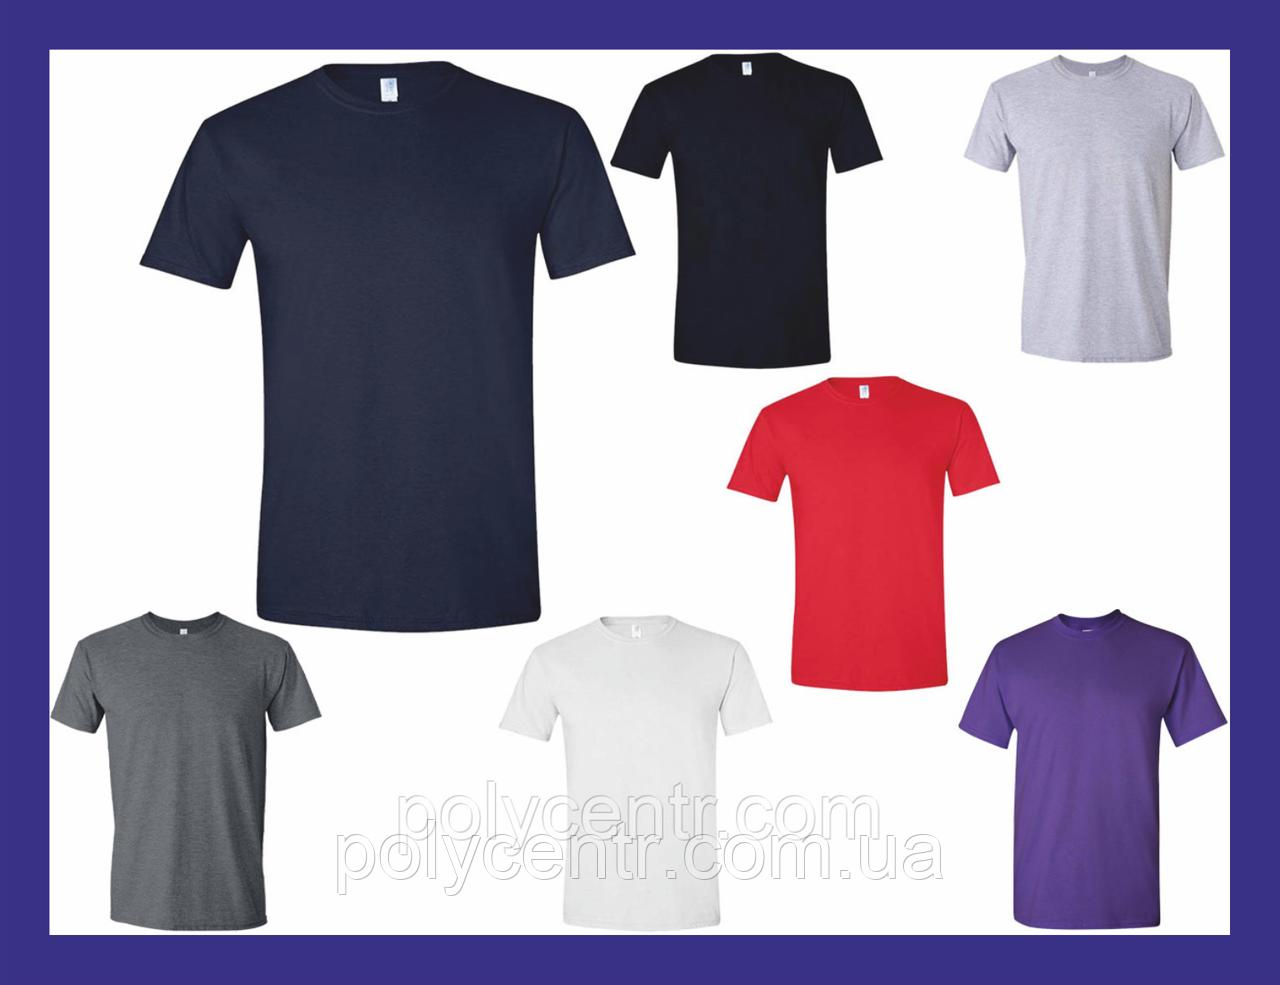 Печать на цветных футболках мужских